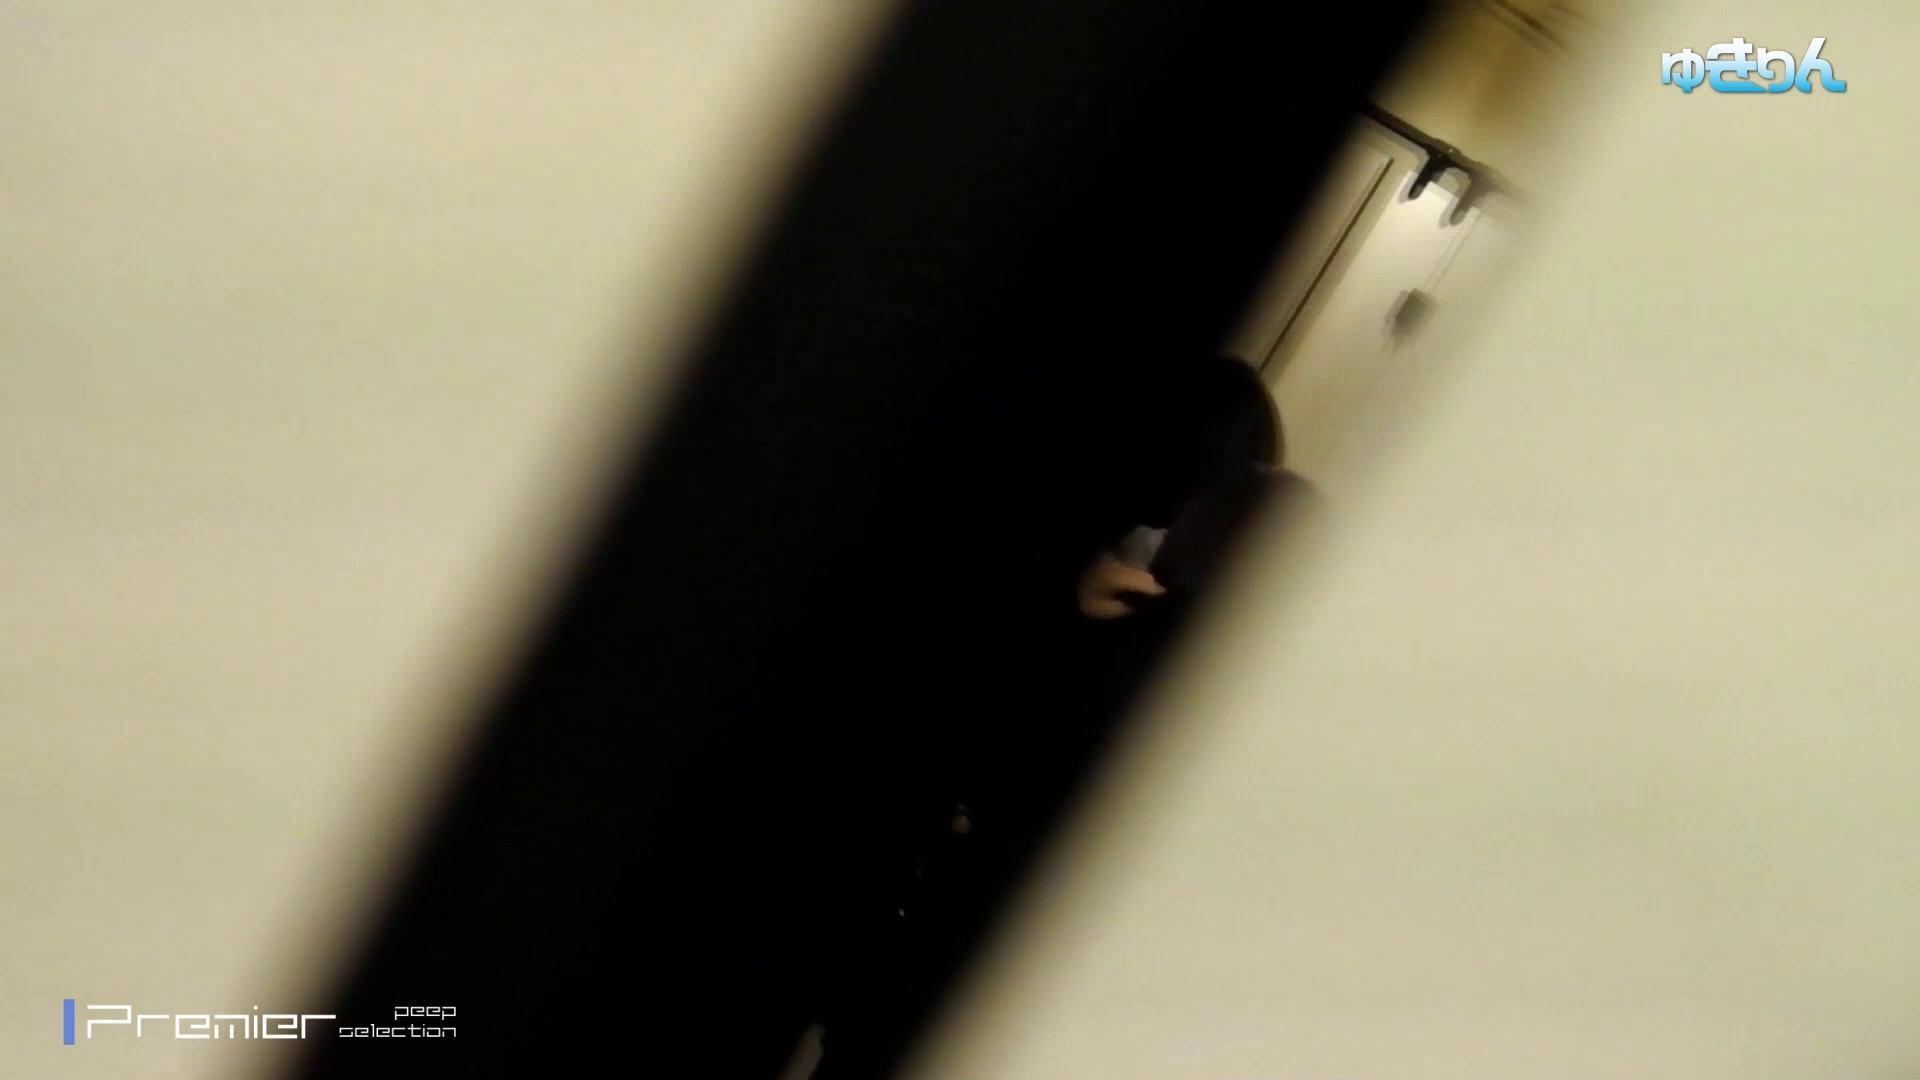 新世界の射窓 No89 あの有名のショーに出ているモデルが偶然に利用するという 洗面所  113画像 36